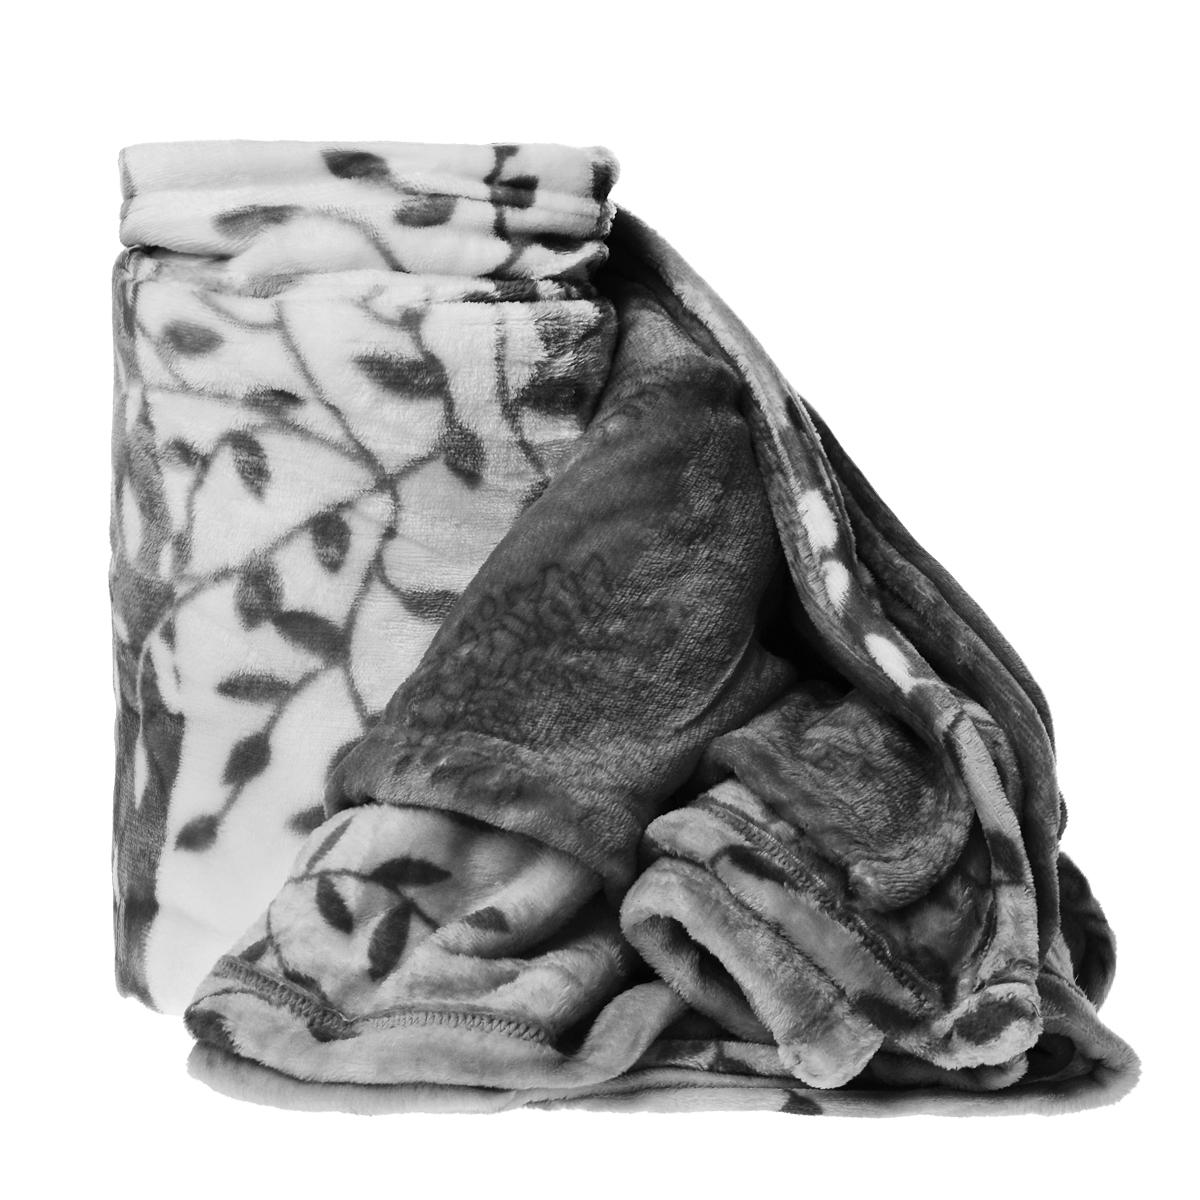 Плед Cleanst, цвет: белый, серый, 200 см х 230 смXthk-GreyПлед Cleanst, выполненный из флиса, послужит теплым, мягким и практичным подарком близким людям. Такой плед легок и не займет много места, что немаловажно в дороге. Благодаря использованию высокотехнологичных материалов этот плед обладает высокой степенью мягкости (бархатный на ощупь) иизносоустойчивостью.